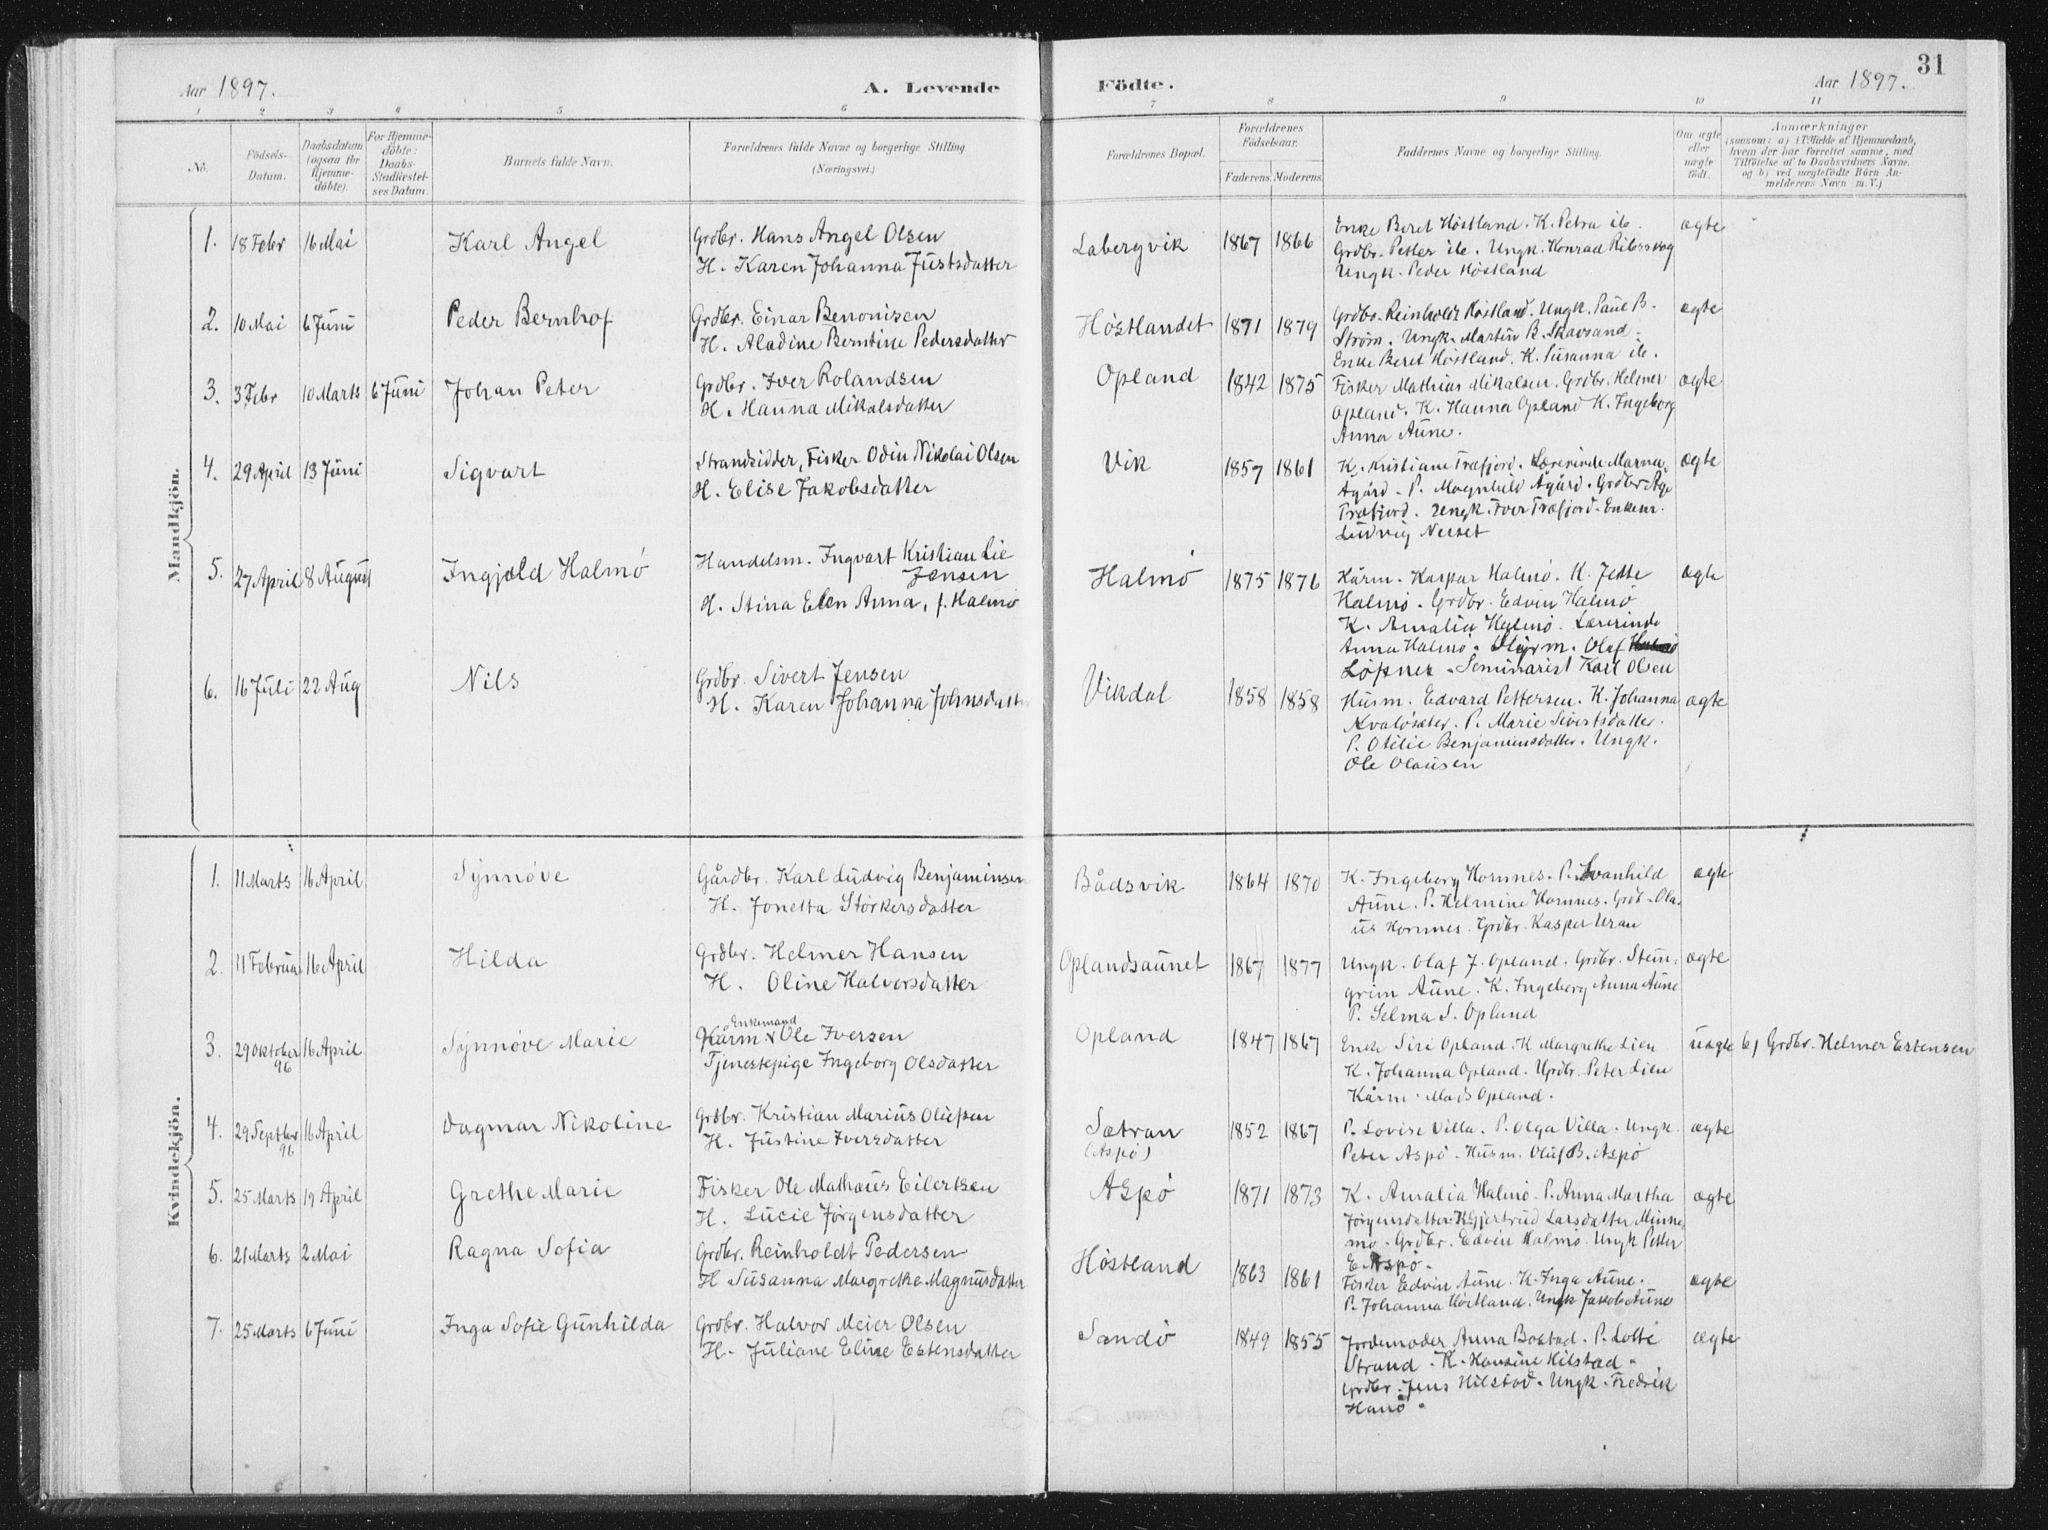 SAT, Ministerialprotokoller, klokkerbøker og fødselsregistre - Nord-Trøndelag, 771/L0597: Ministerialbok nr. 771A04, 1885-1910, s. 31